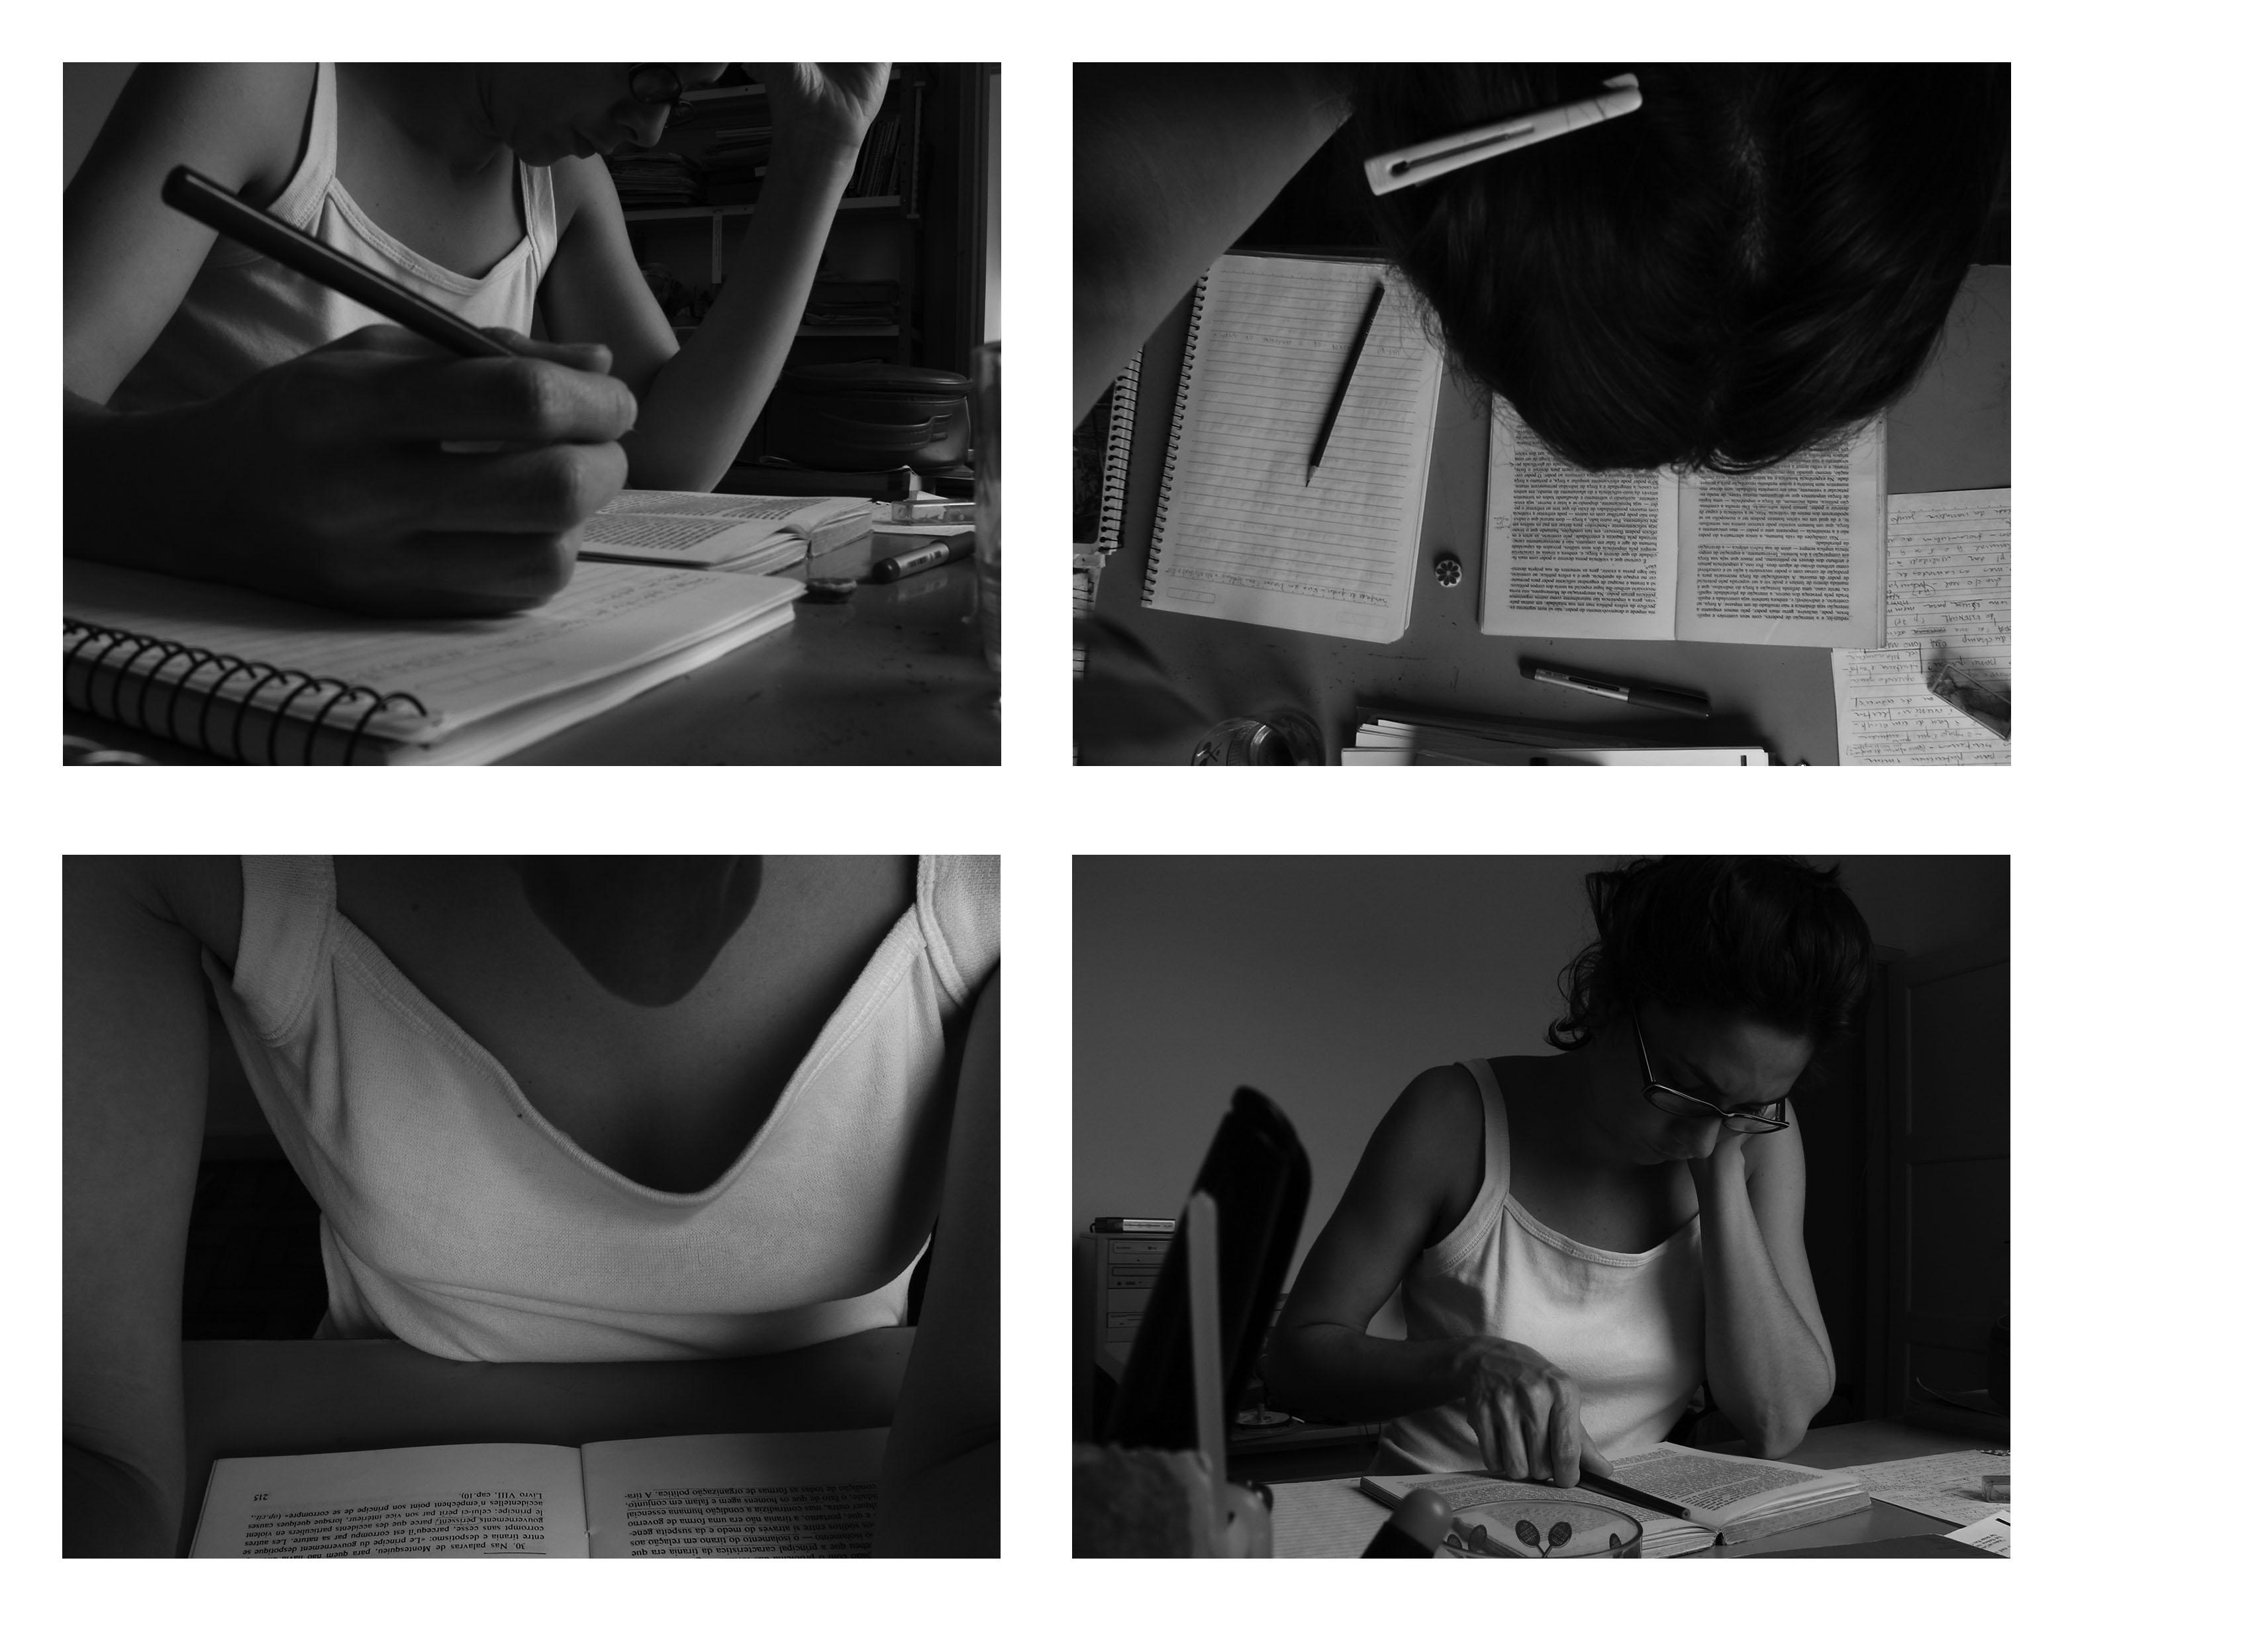 livros_mesa-eu-jpg